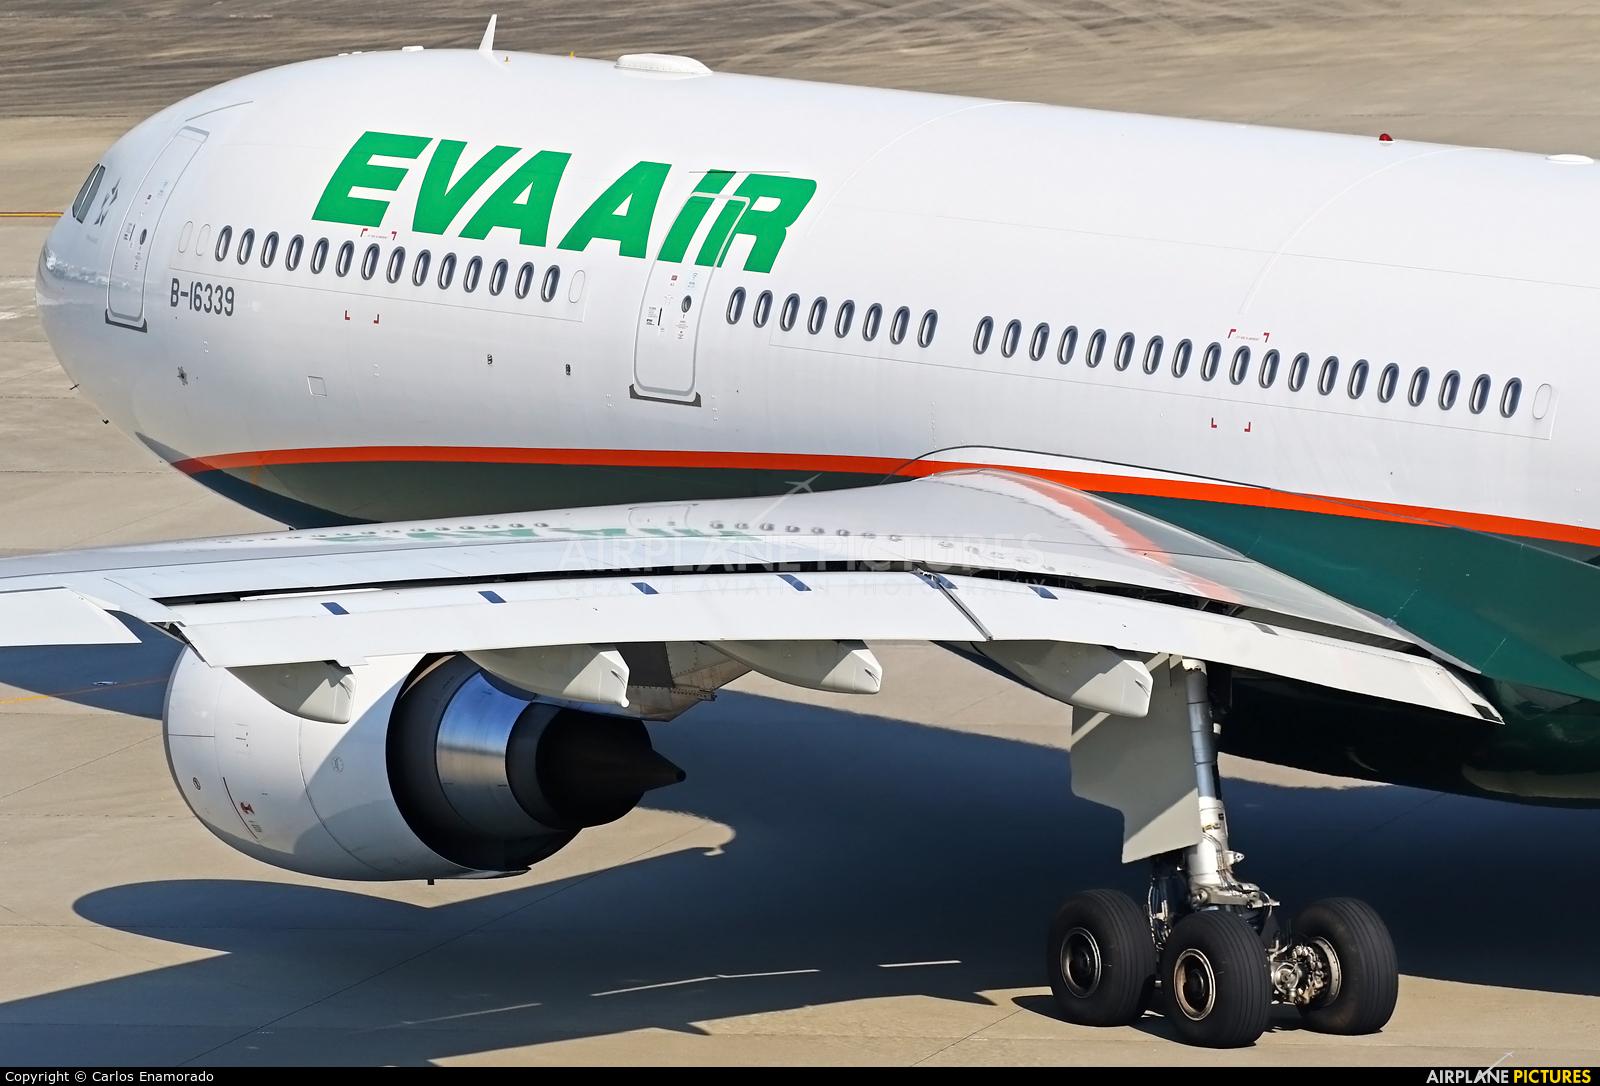 Eva Air B-16339 aircraft at Tokyo - Haneda Intl